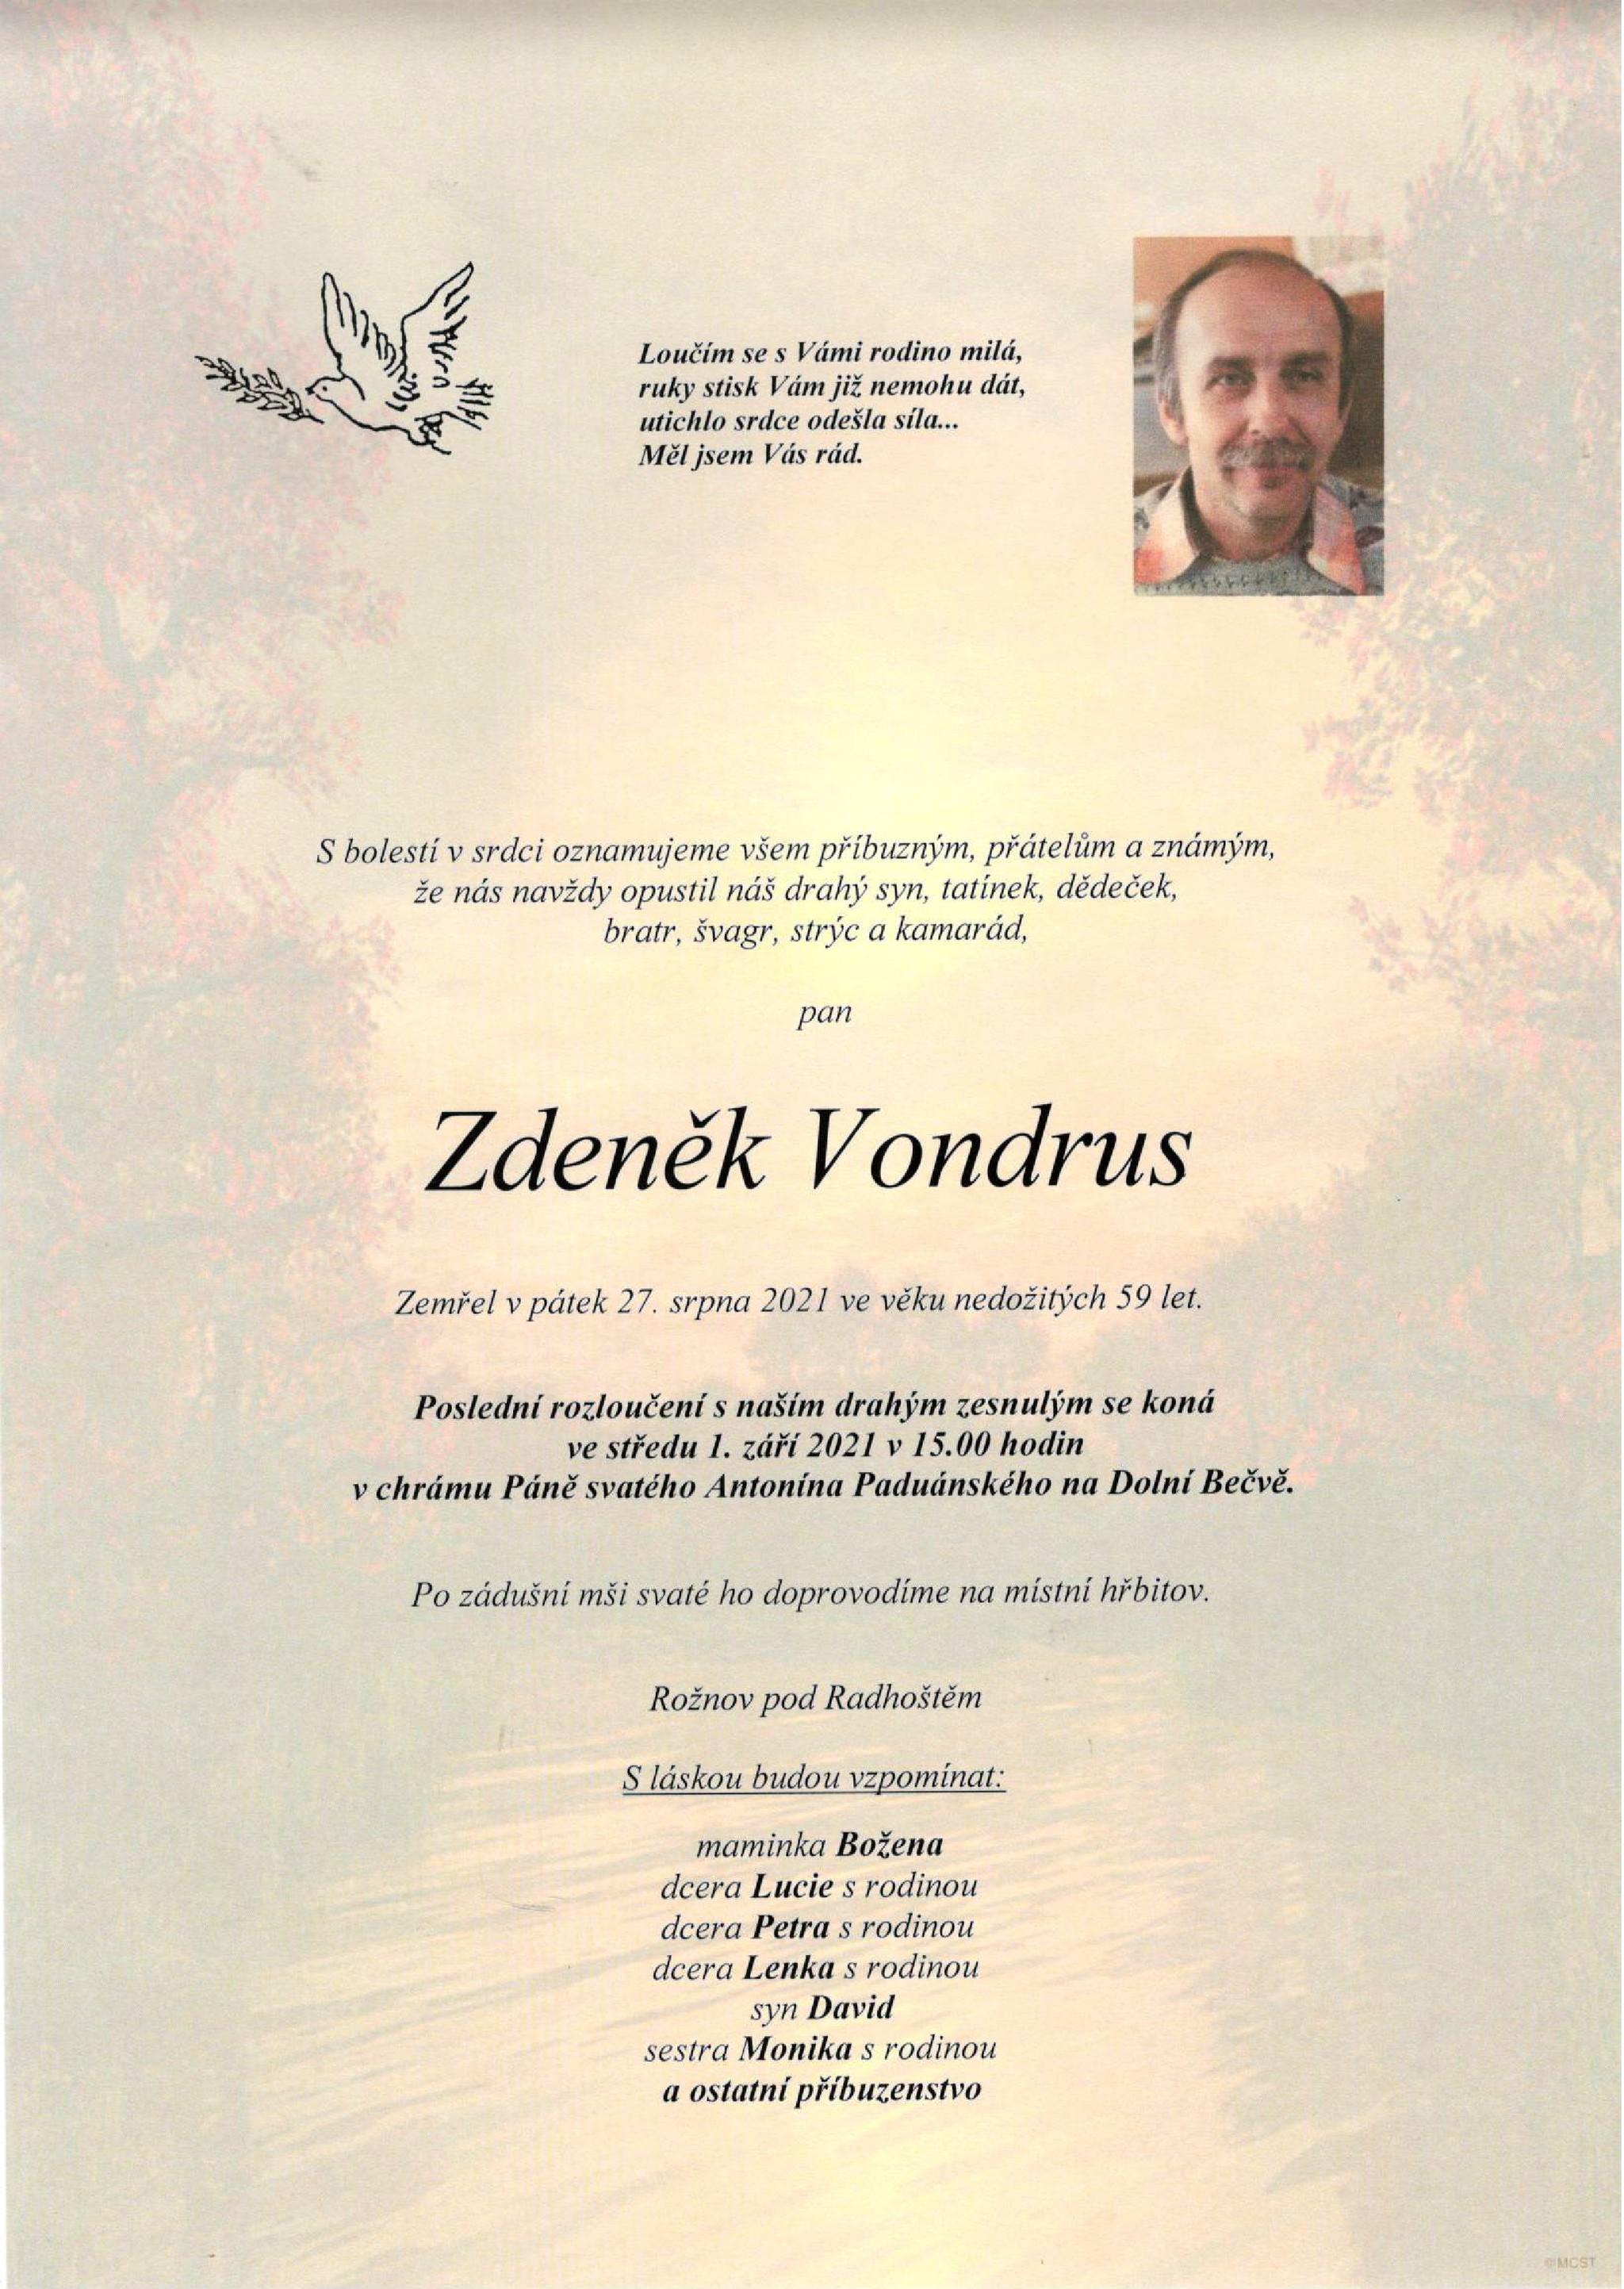 Zdeněk Vondrus